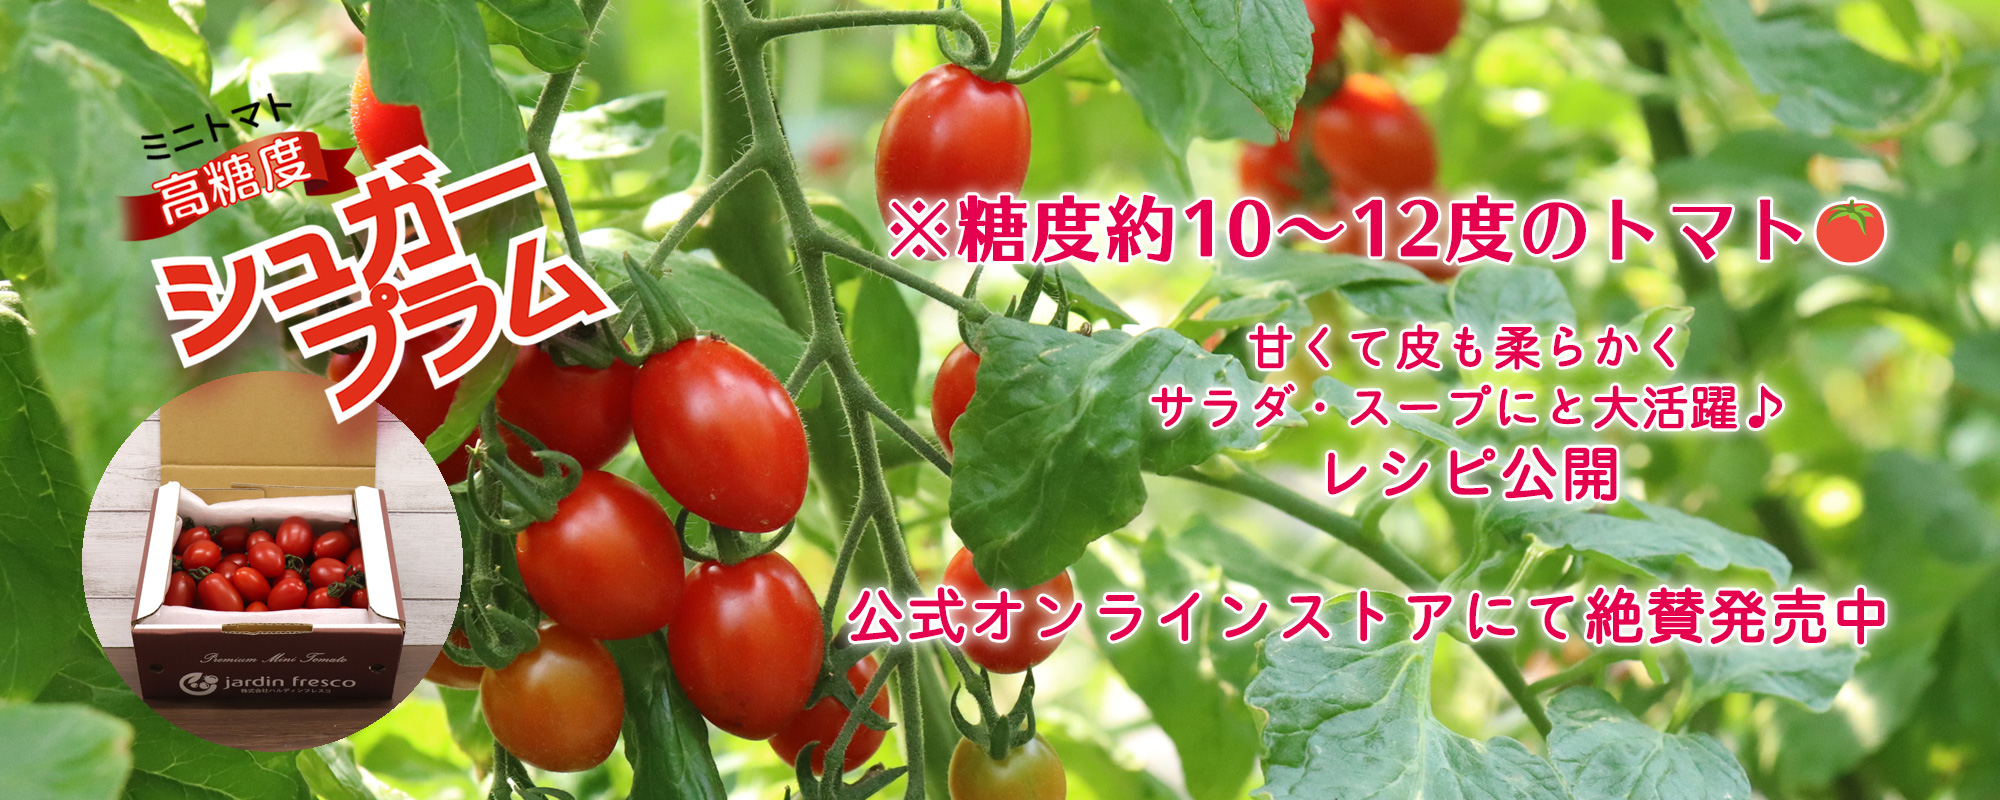 ハルディンフレスコの高糖度ミニトマト シュガープラム。 糖度10~12度と甘い完熟トマトのみ。